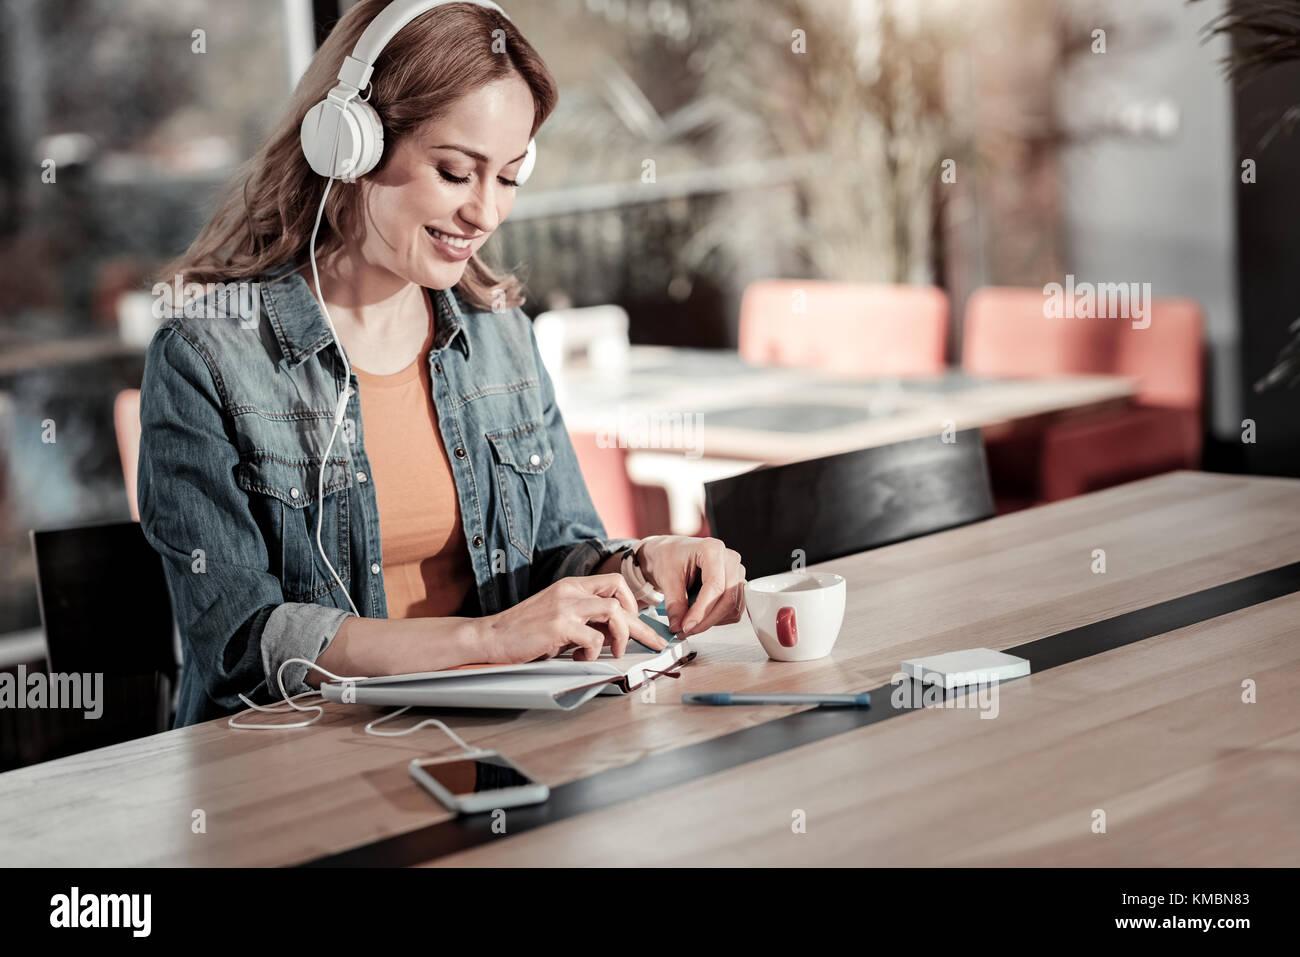 Lächelnden jungen Frau in einen produktiven Morgen im Cafe Stockbild